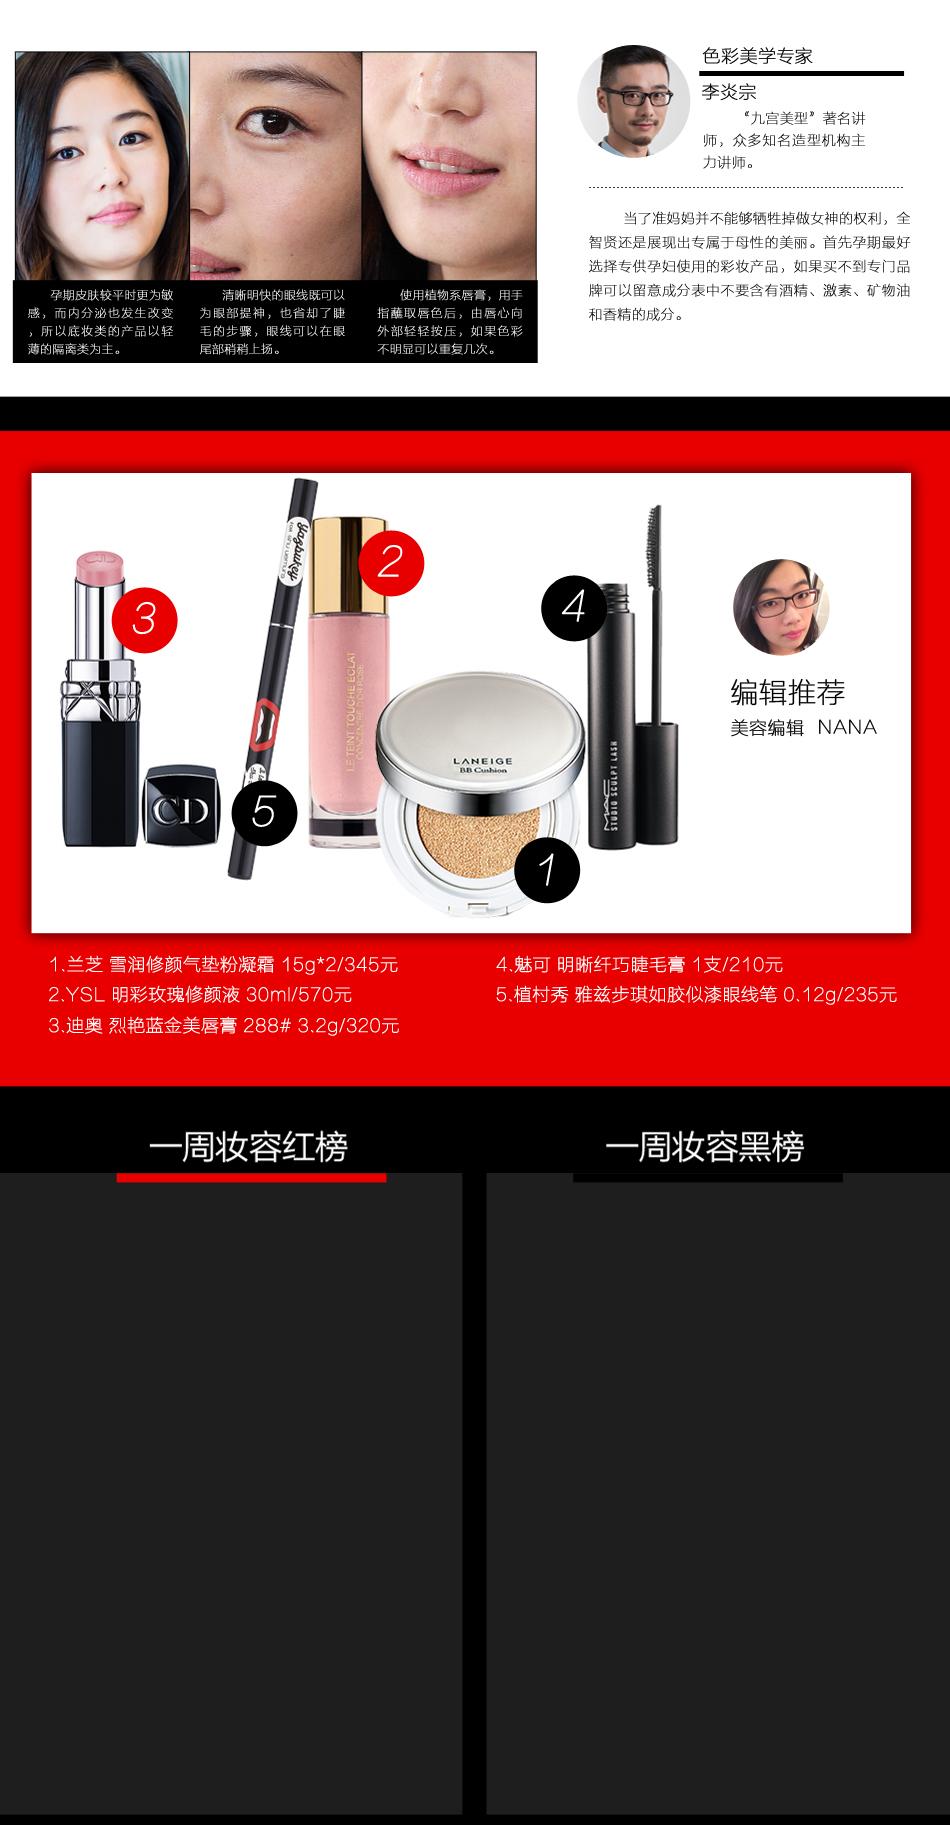 一周女星妆榜样VOL.092_新浪时尚_新浪网